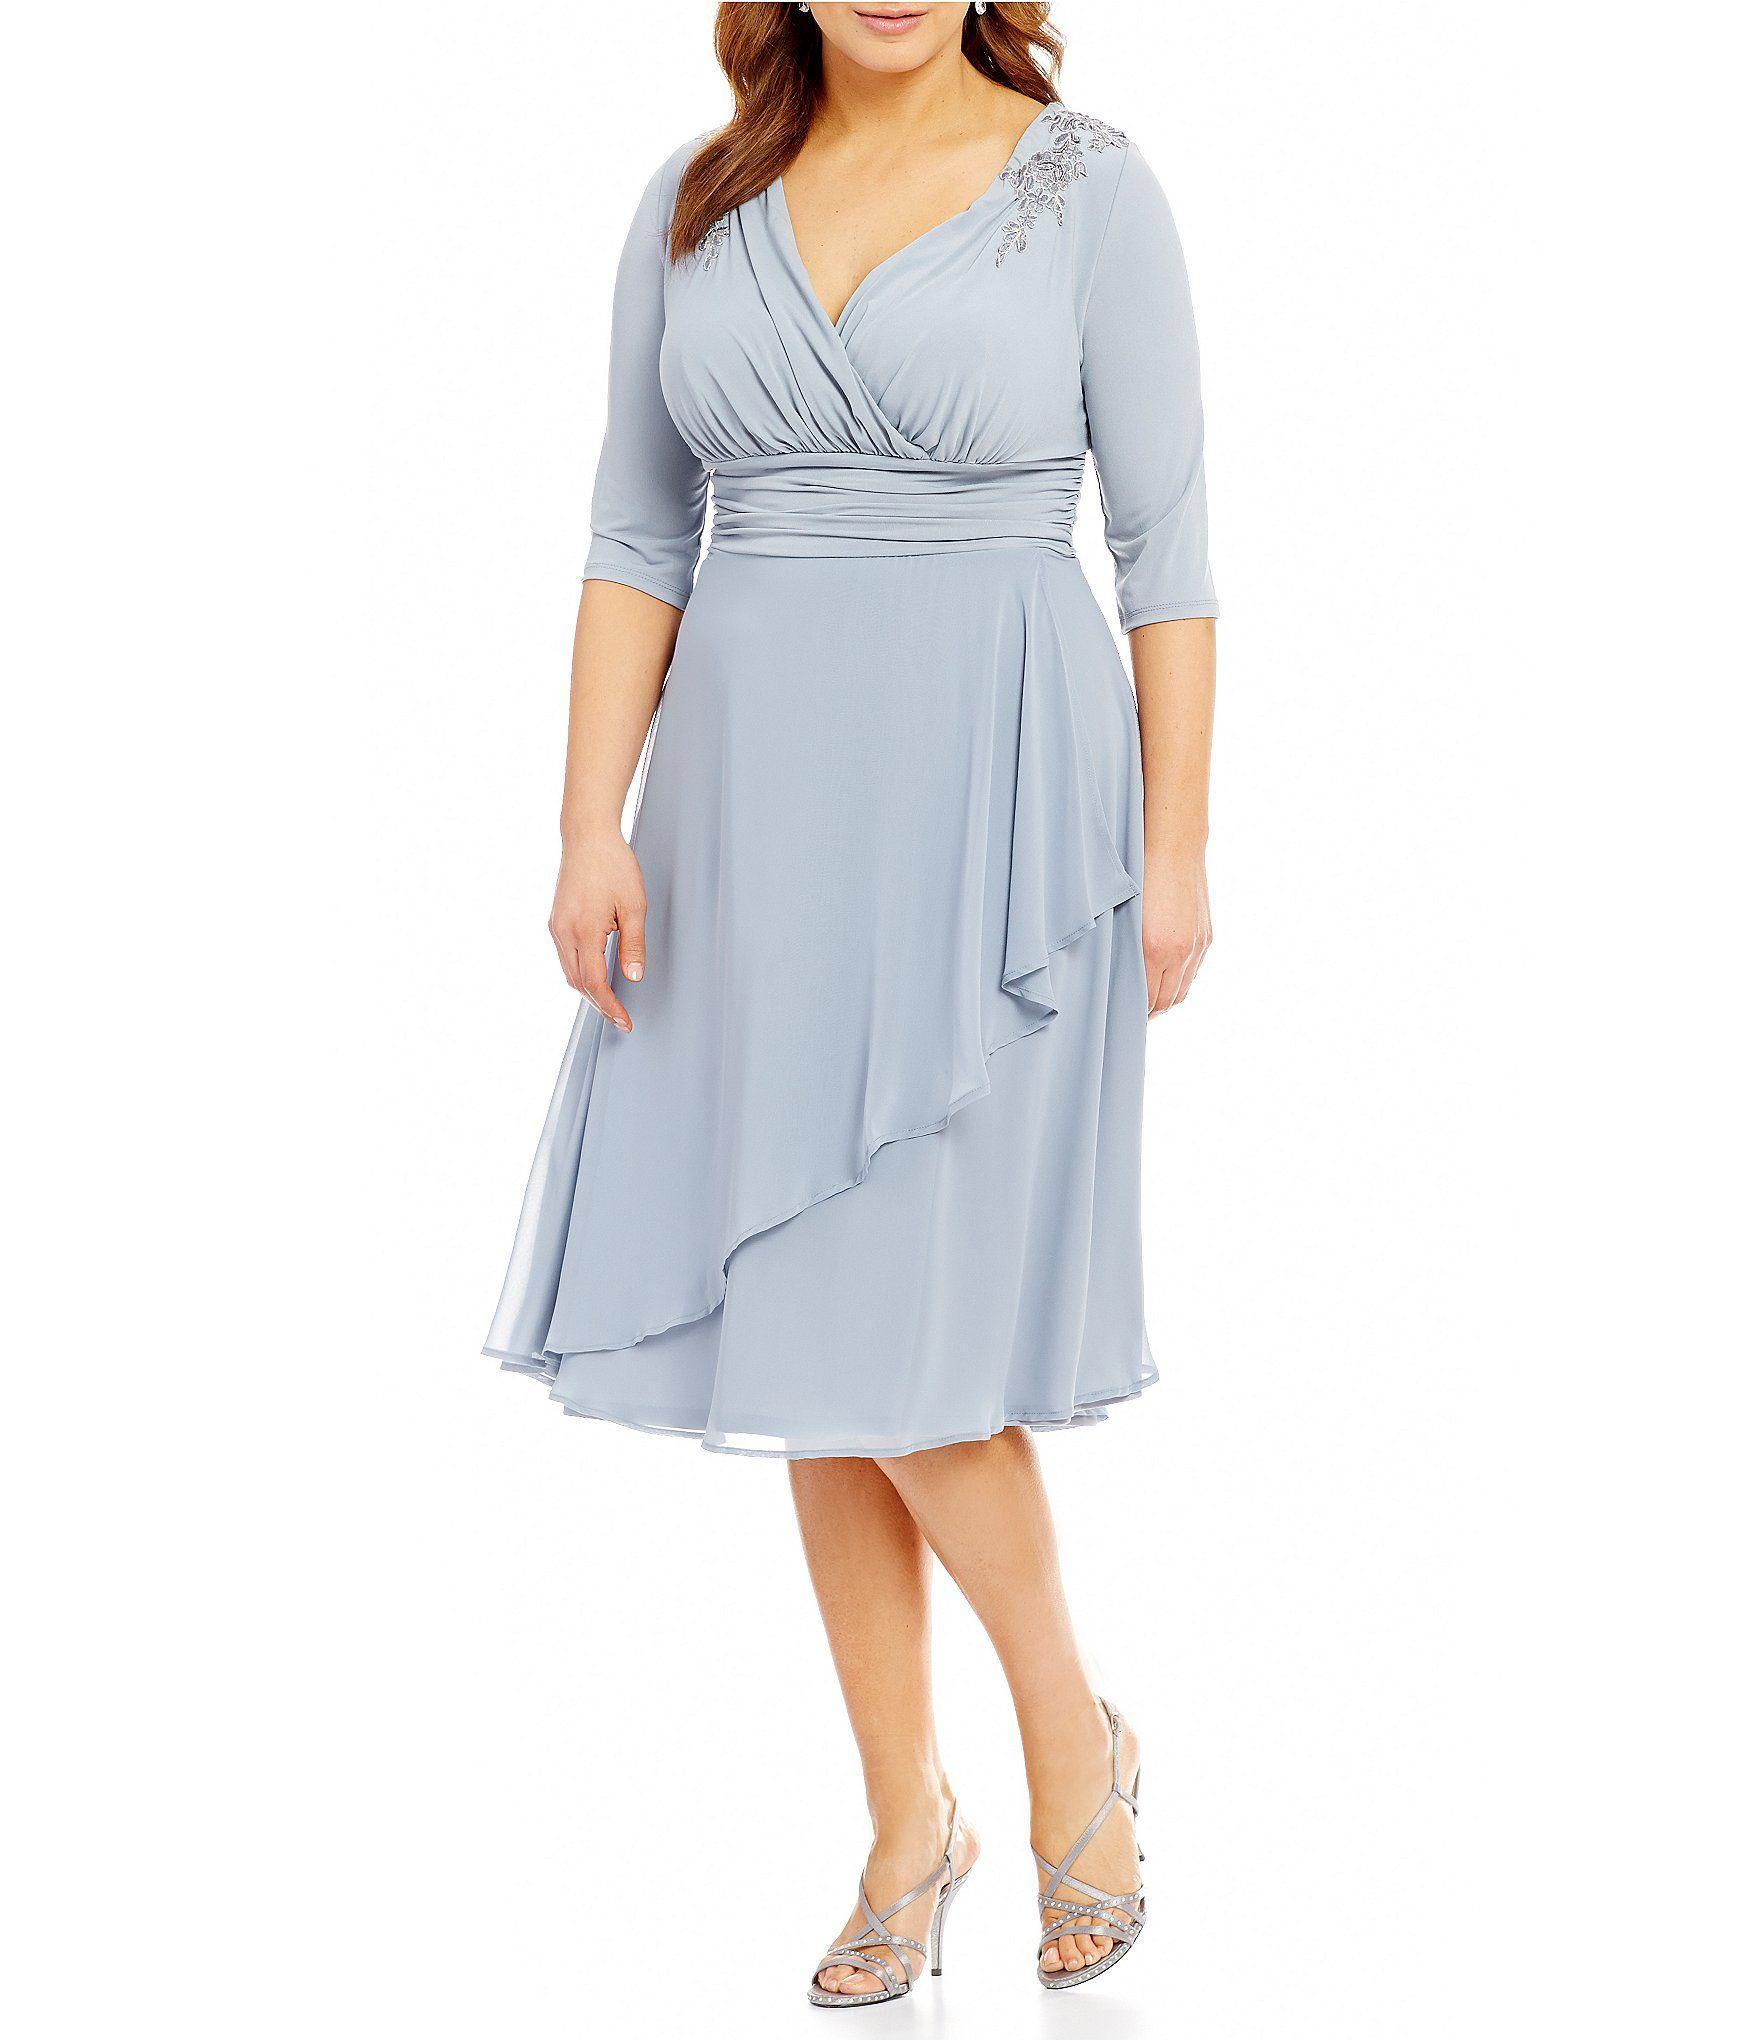 Shop for sangria plus surplice vneck applique chiffon dress at